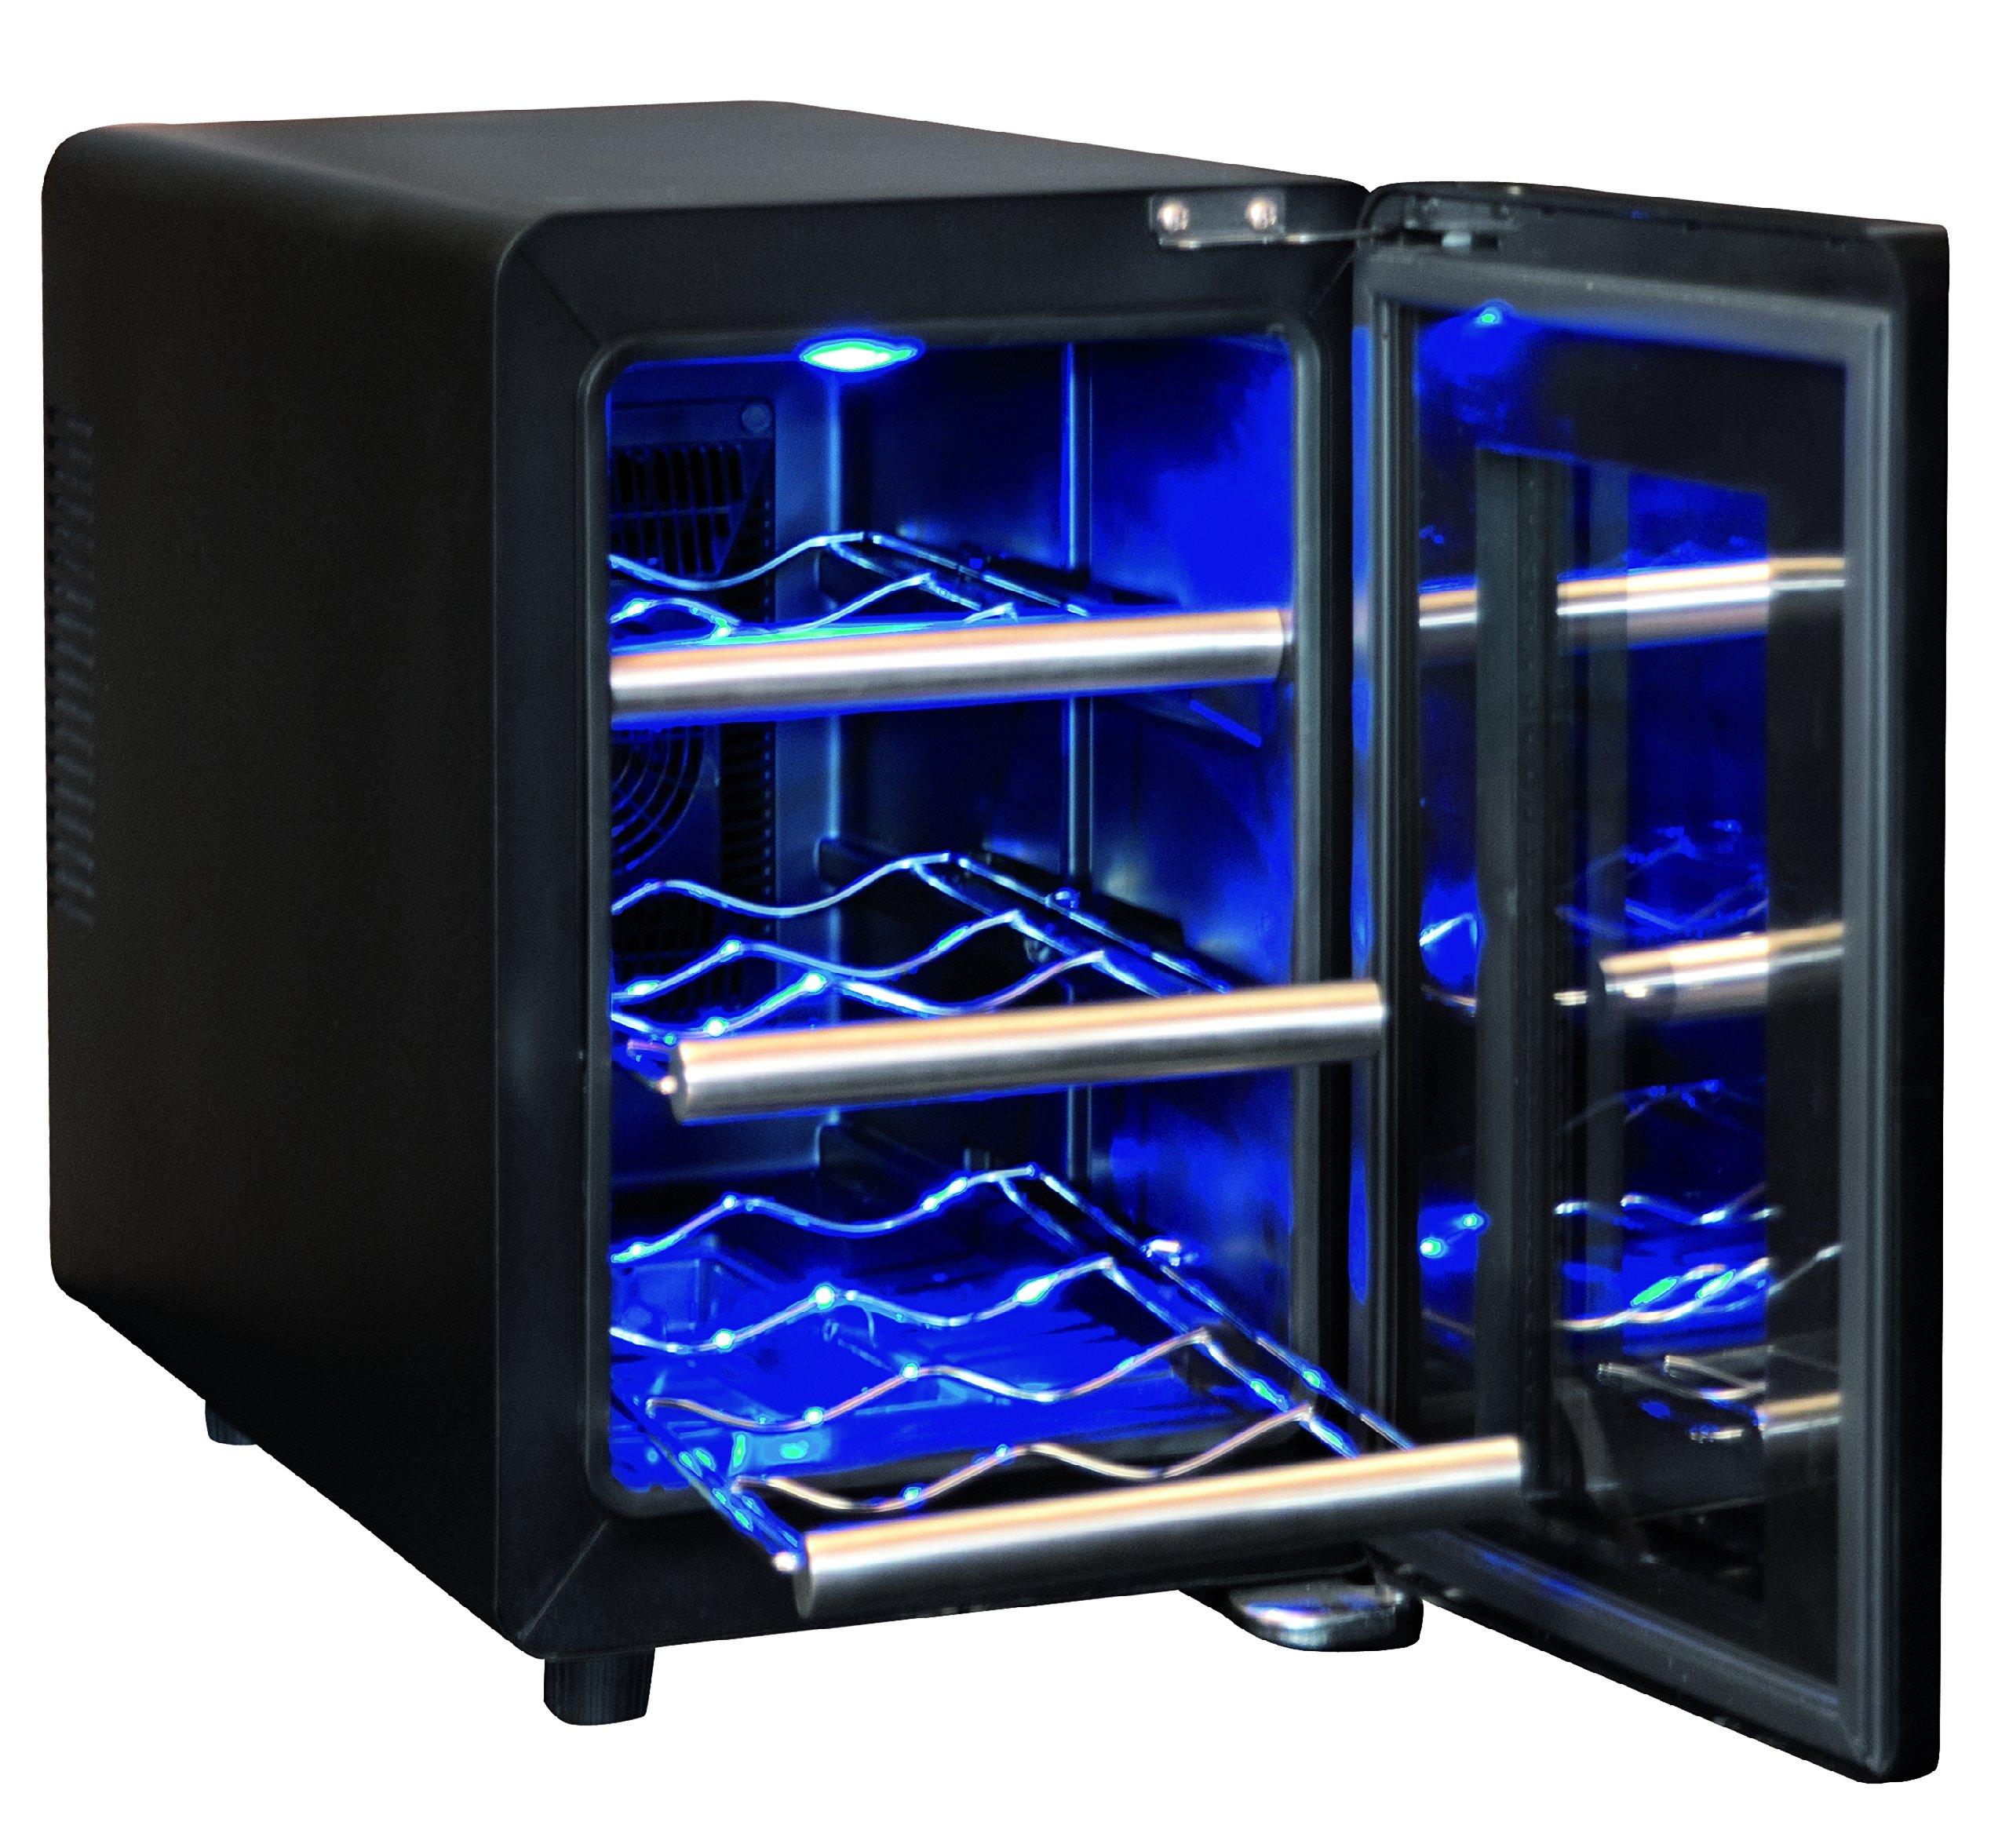 Sonnenknig-of-Switzerland-Cava-6-Mono-Weinkhlschrank500-cm-HheAusfhrung-aus-Edelstahl-und-GlasInnenbeleuchtungsilberschwarz